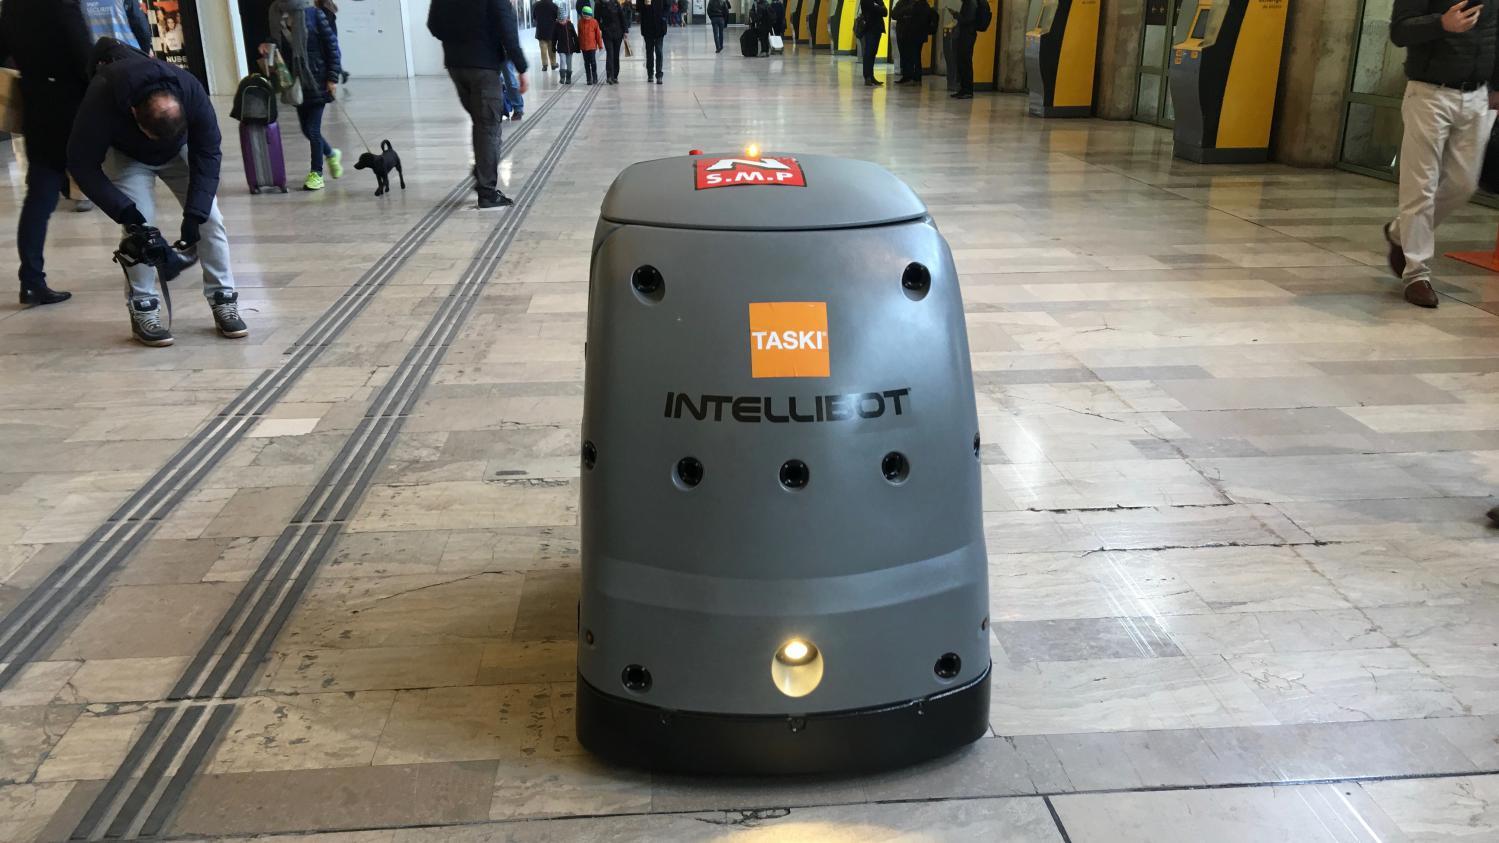 Accueil Nettoyage Manutention Les Robots Arrivent